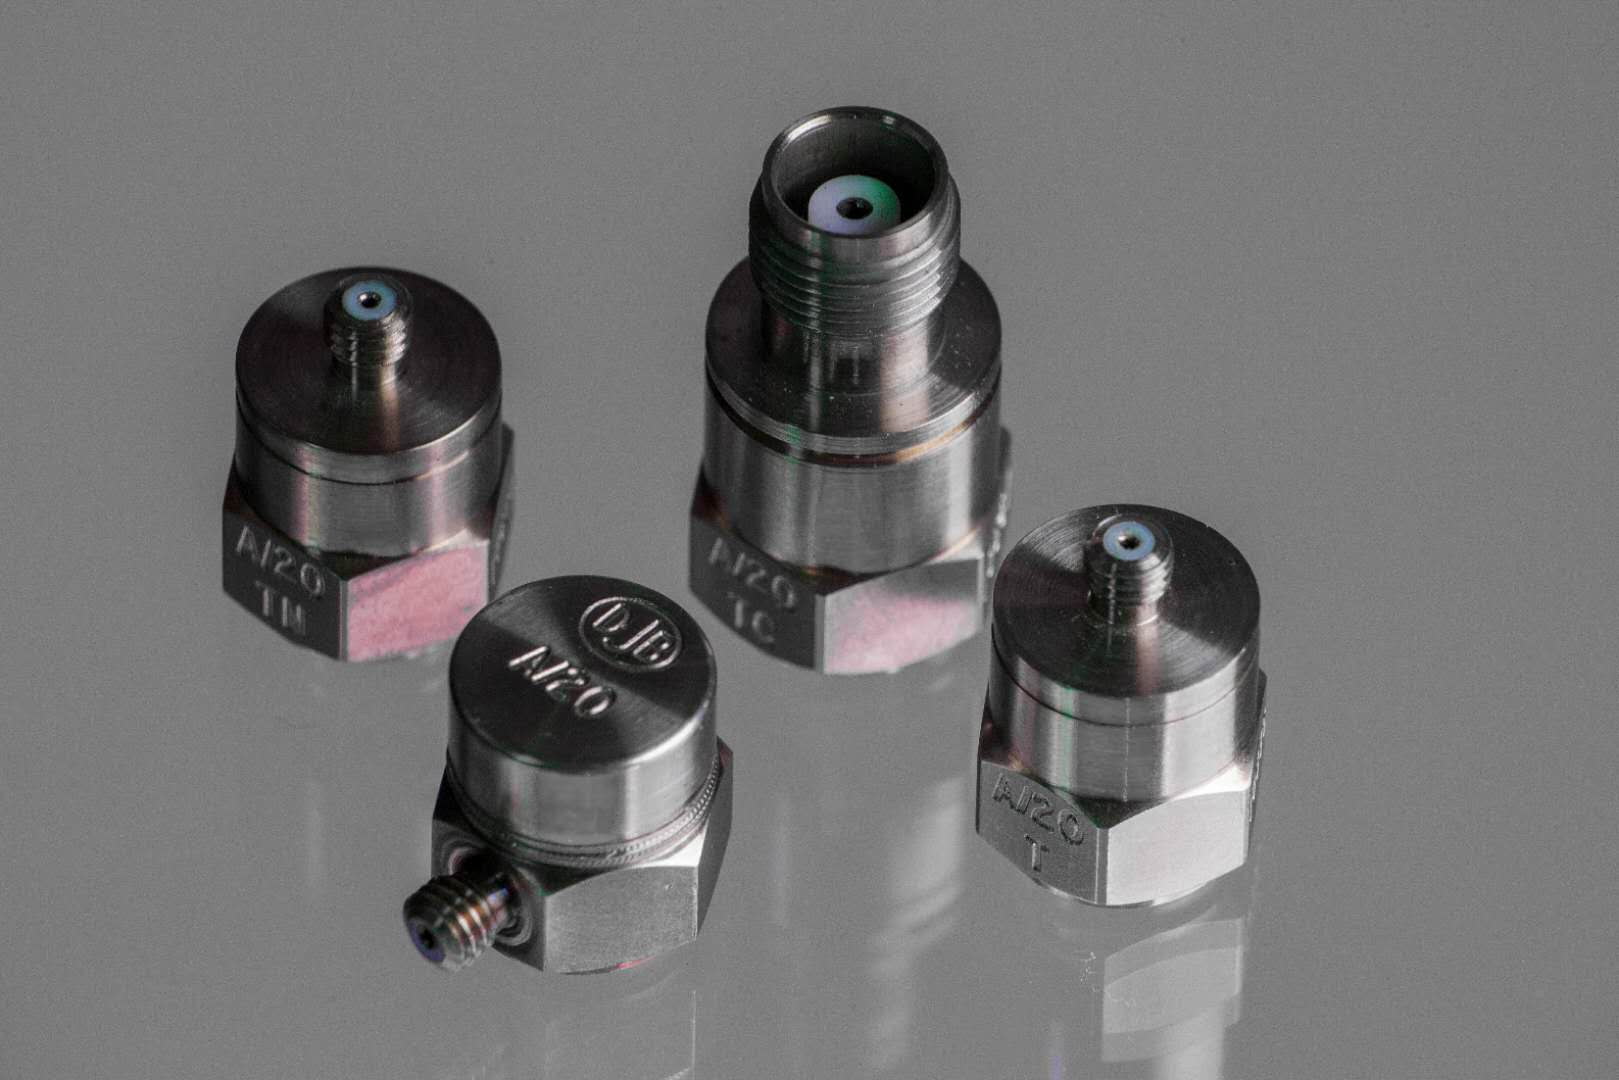 A/120/V, A/120/VT, A/120/VTC, A/120/VI, A/120/VTI